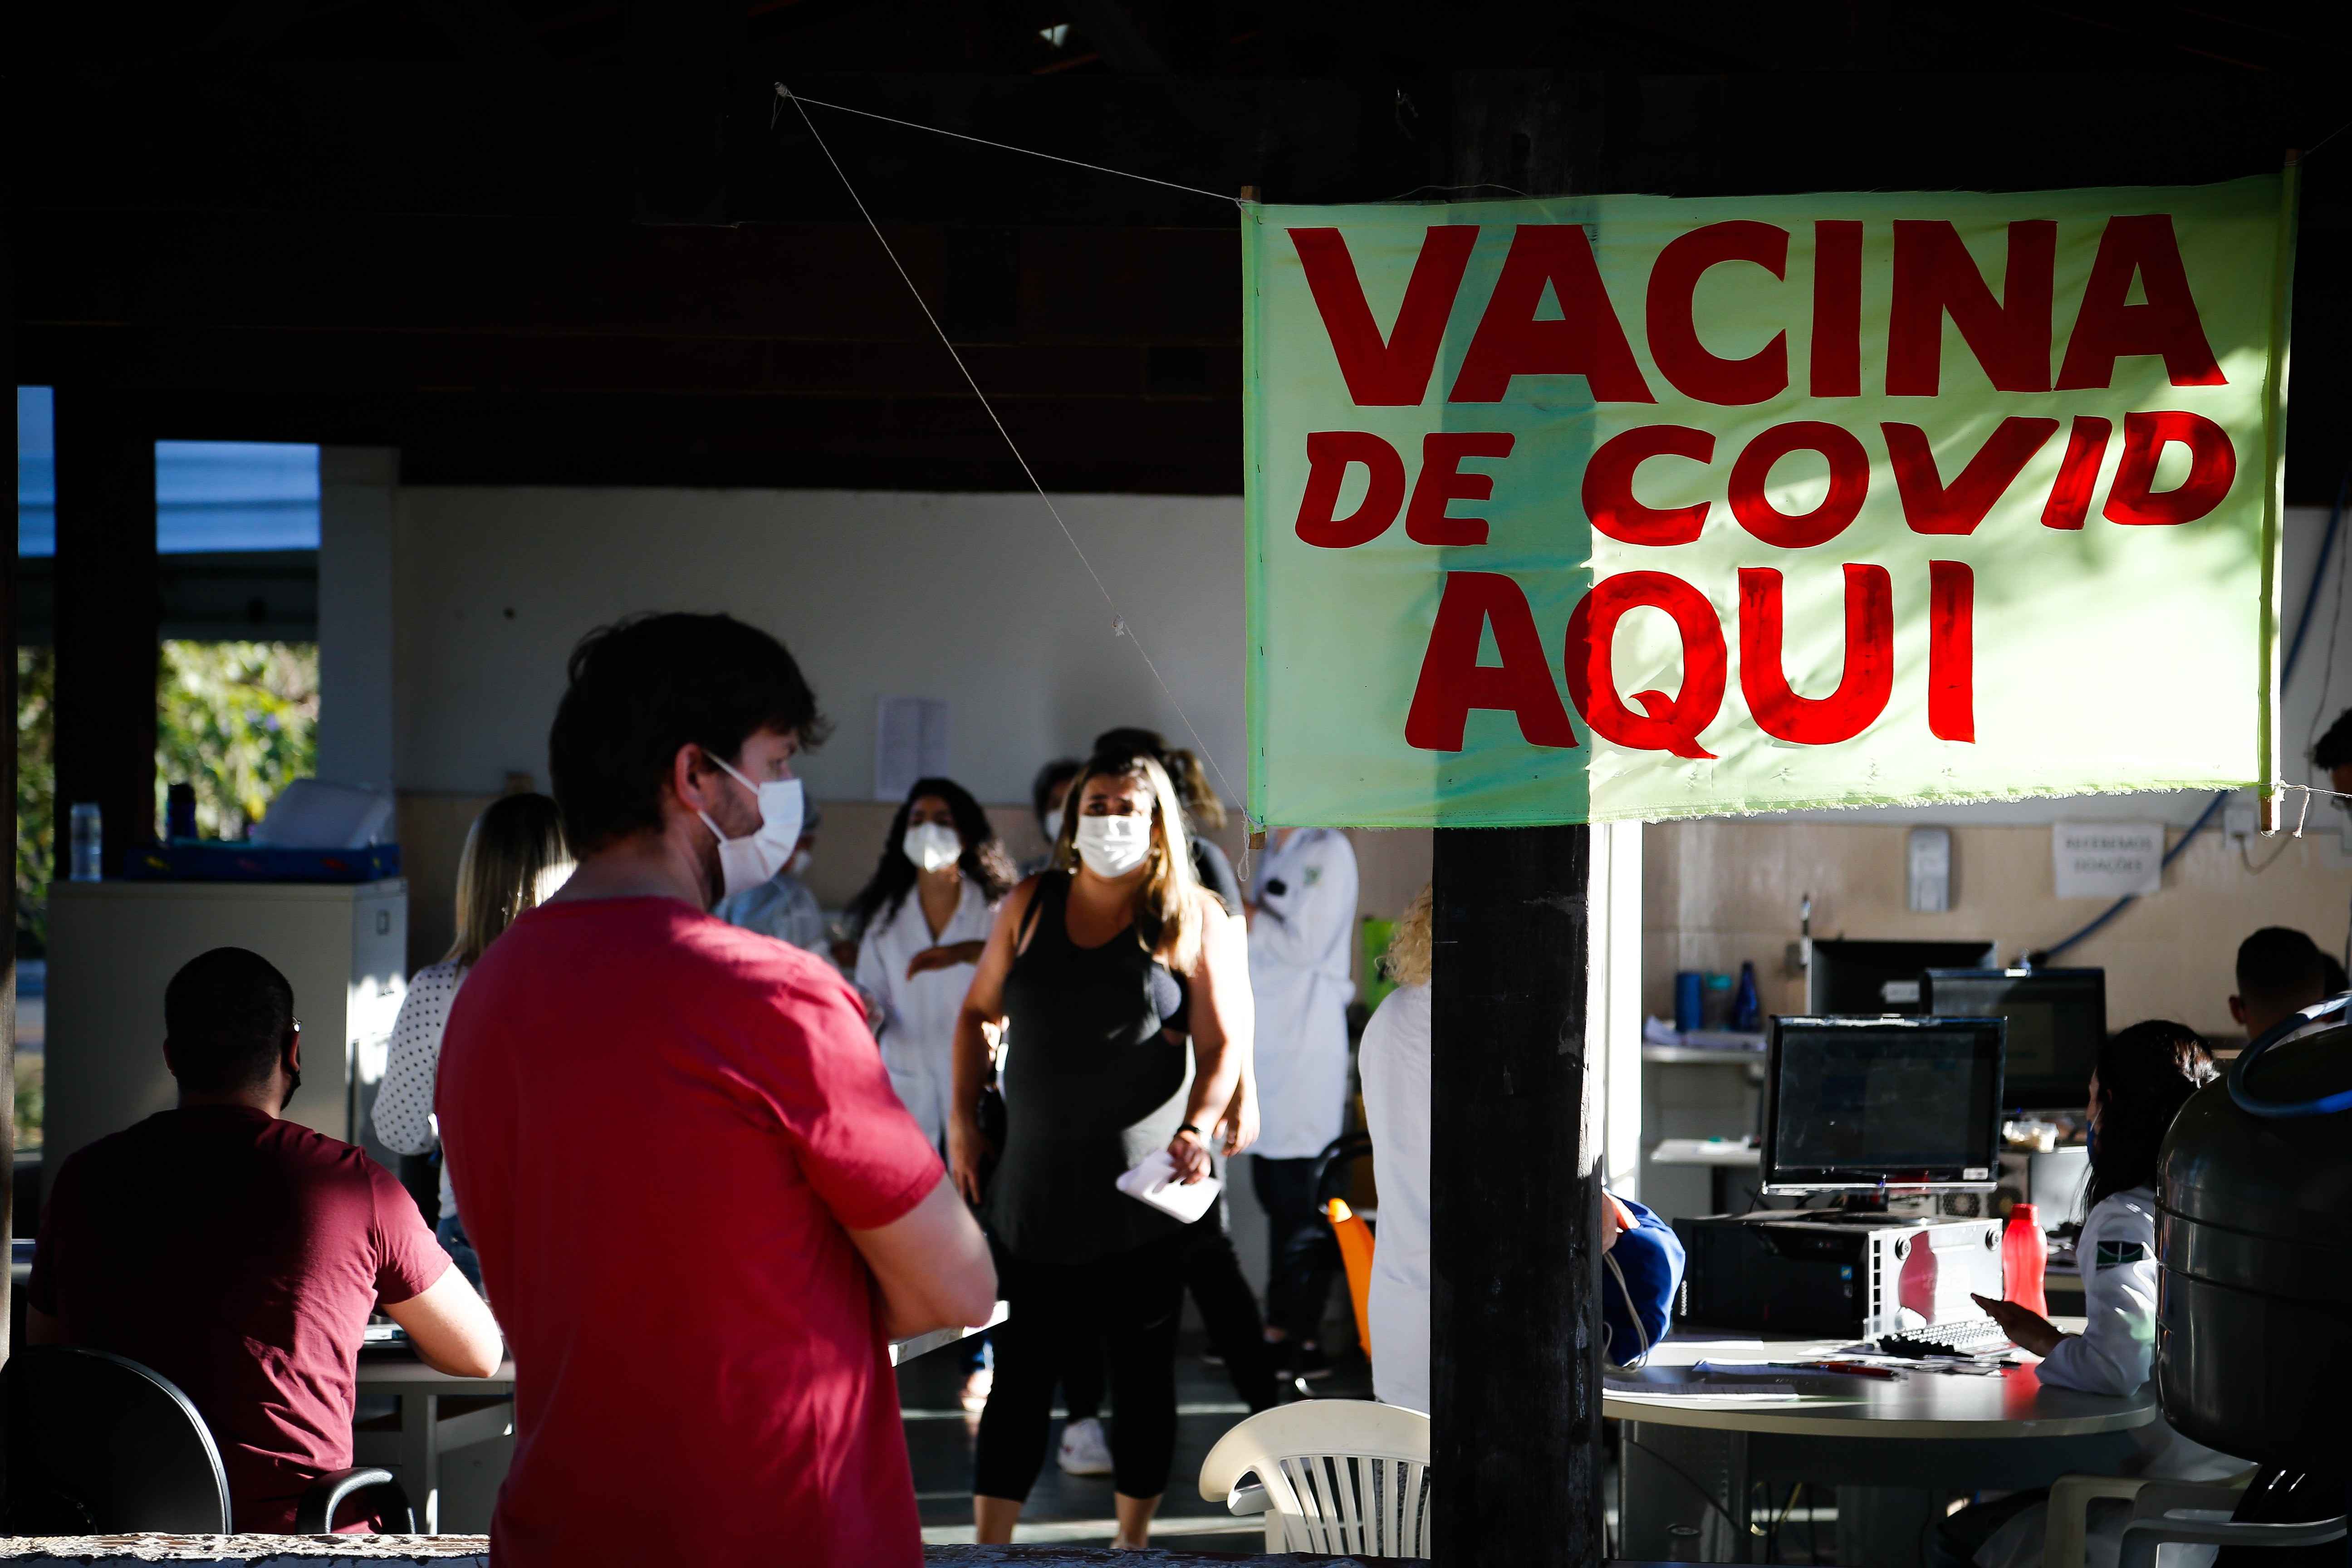 Posto de vacinação no Distrito Federal contra a Covid-19: sites disseminam desinformação sobre supostos efeitos colaterais de imunizantes